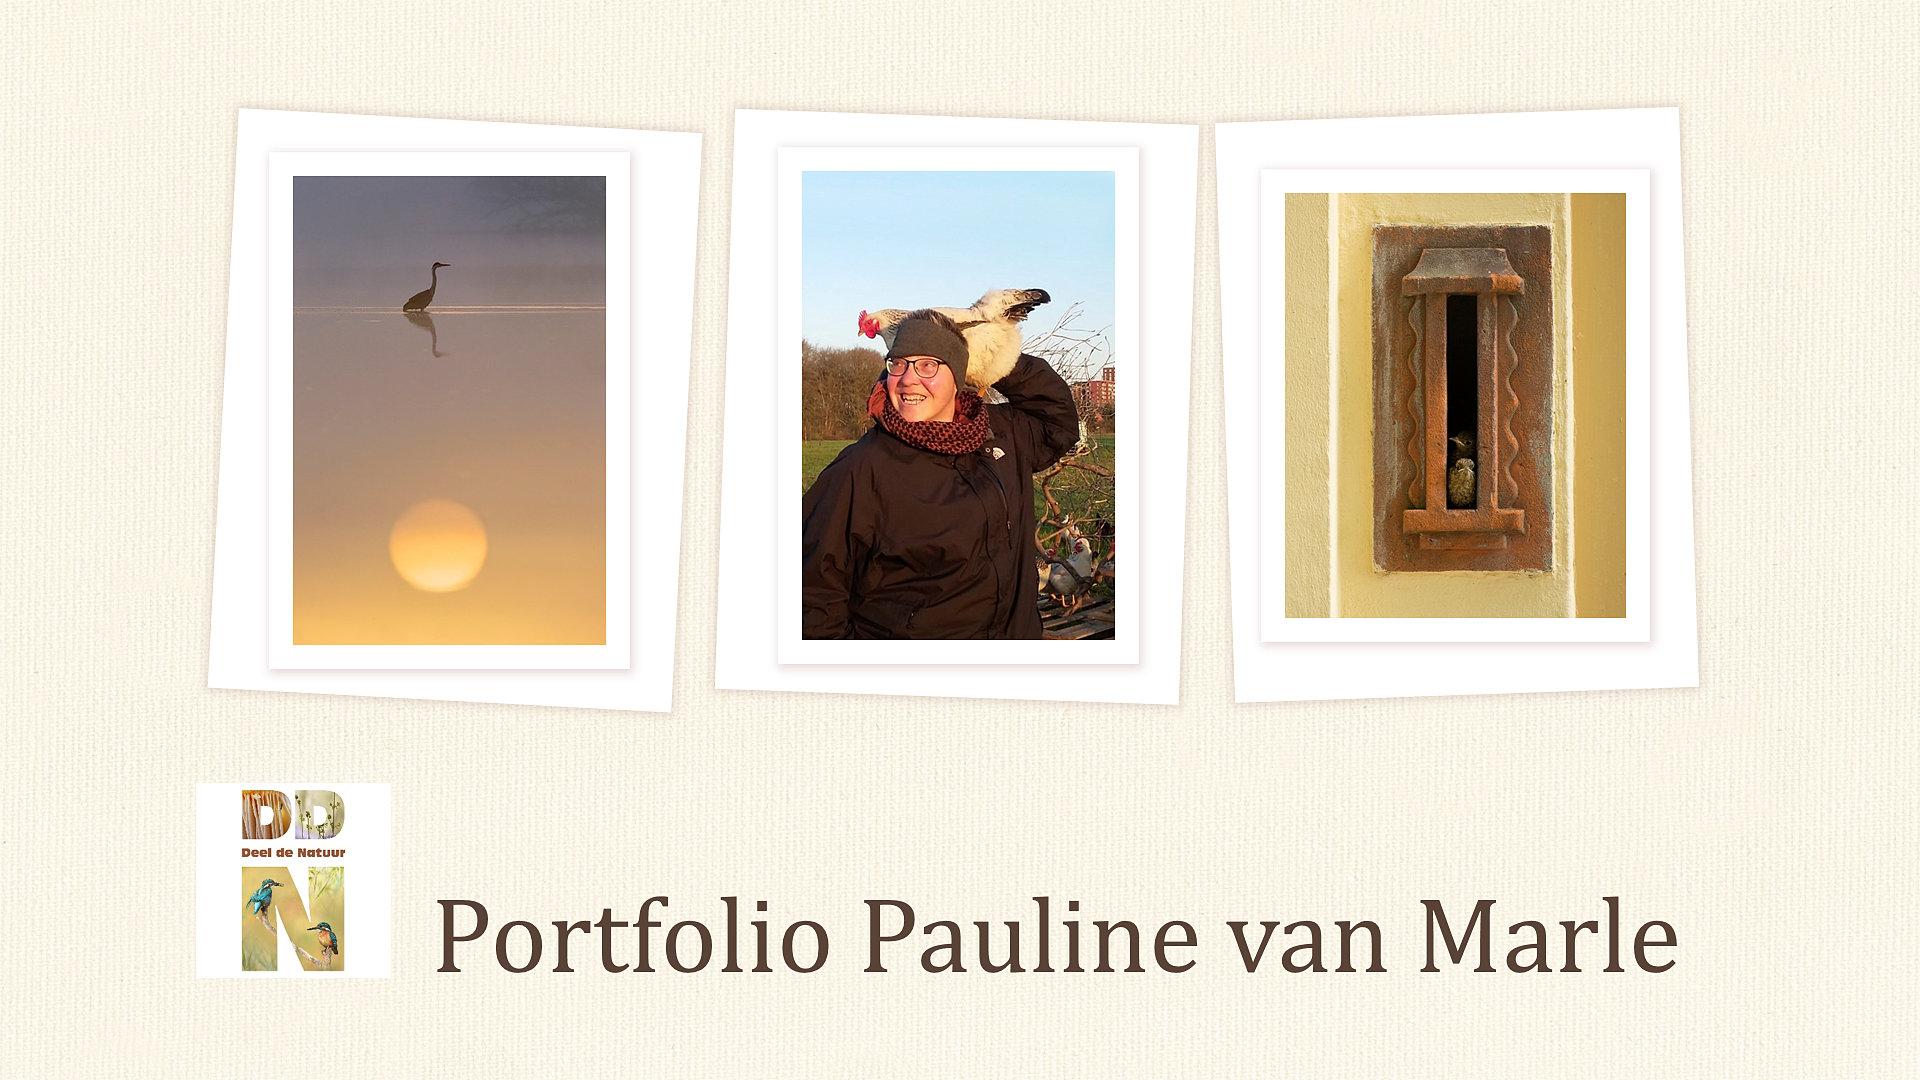 Portfolio Pauline van Marle Spotlight